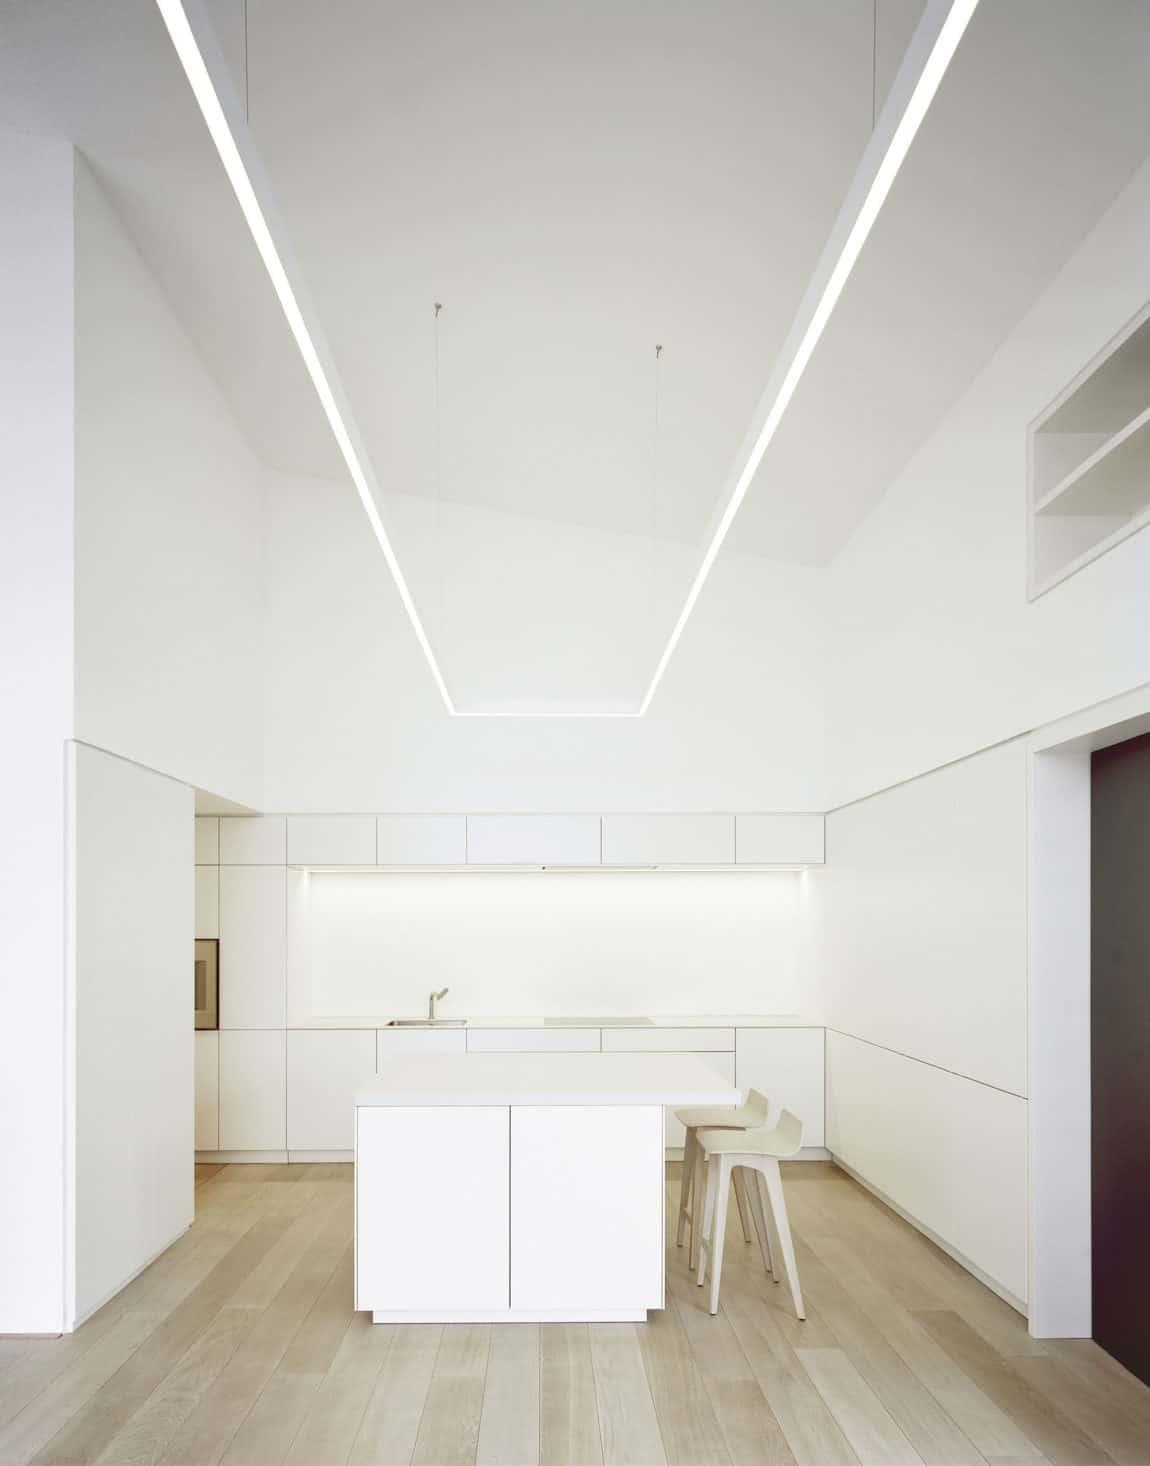 S3 Cityvilla by Steimle Architekten (14)